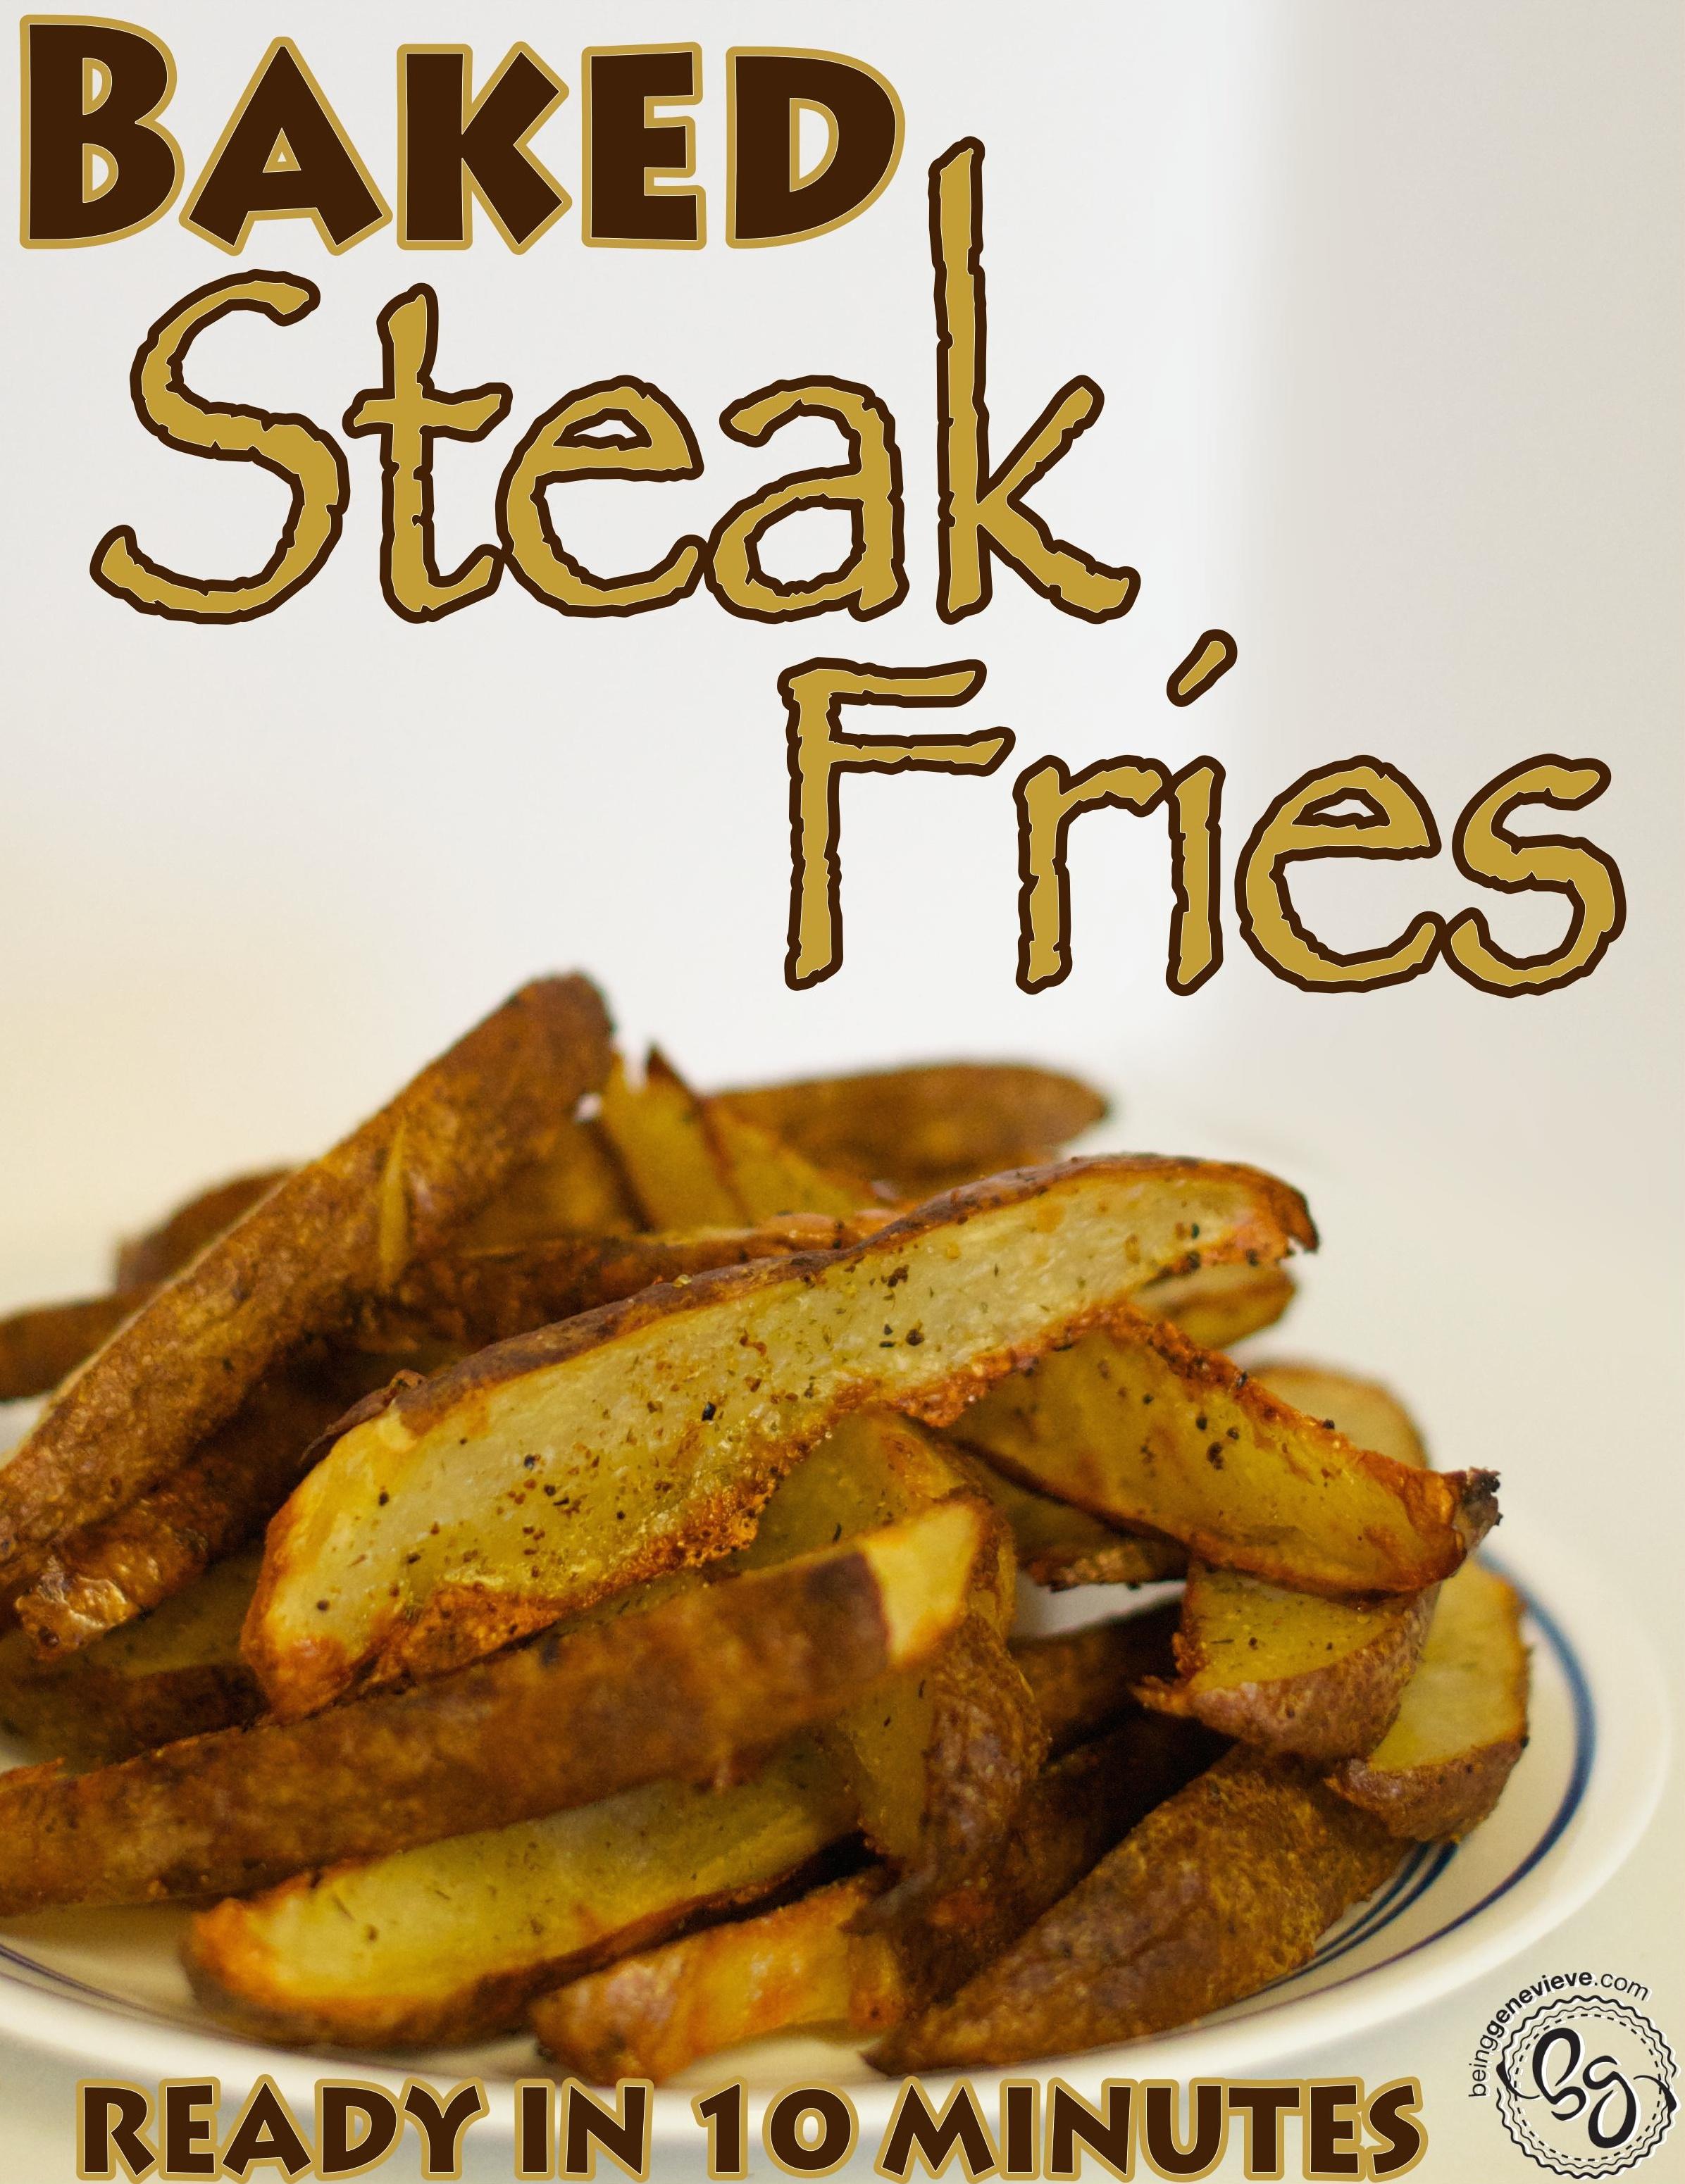 Baked Steak Fries